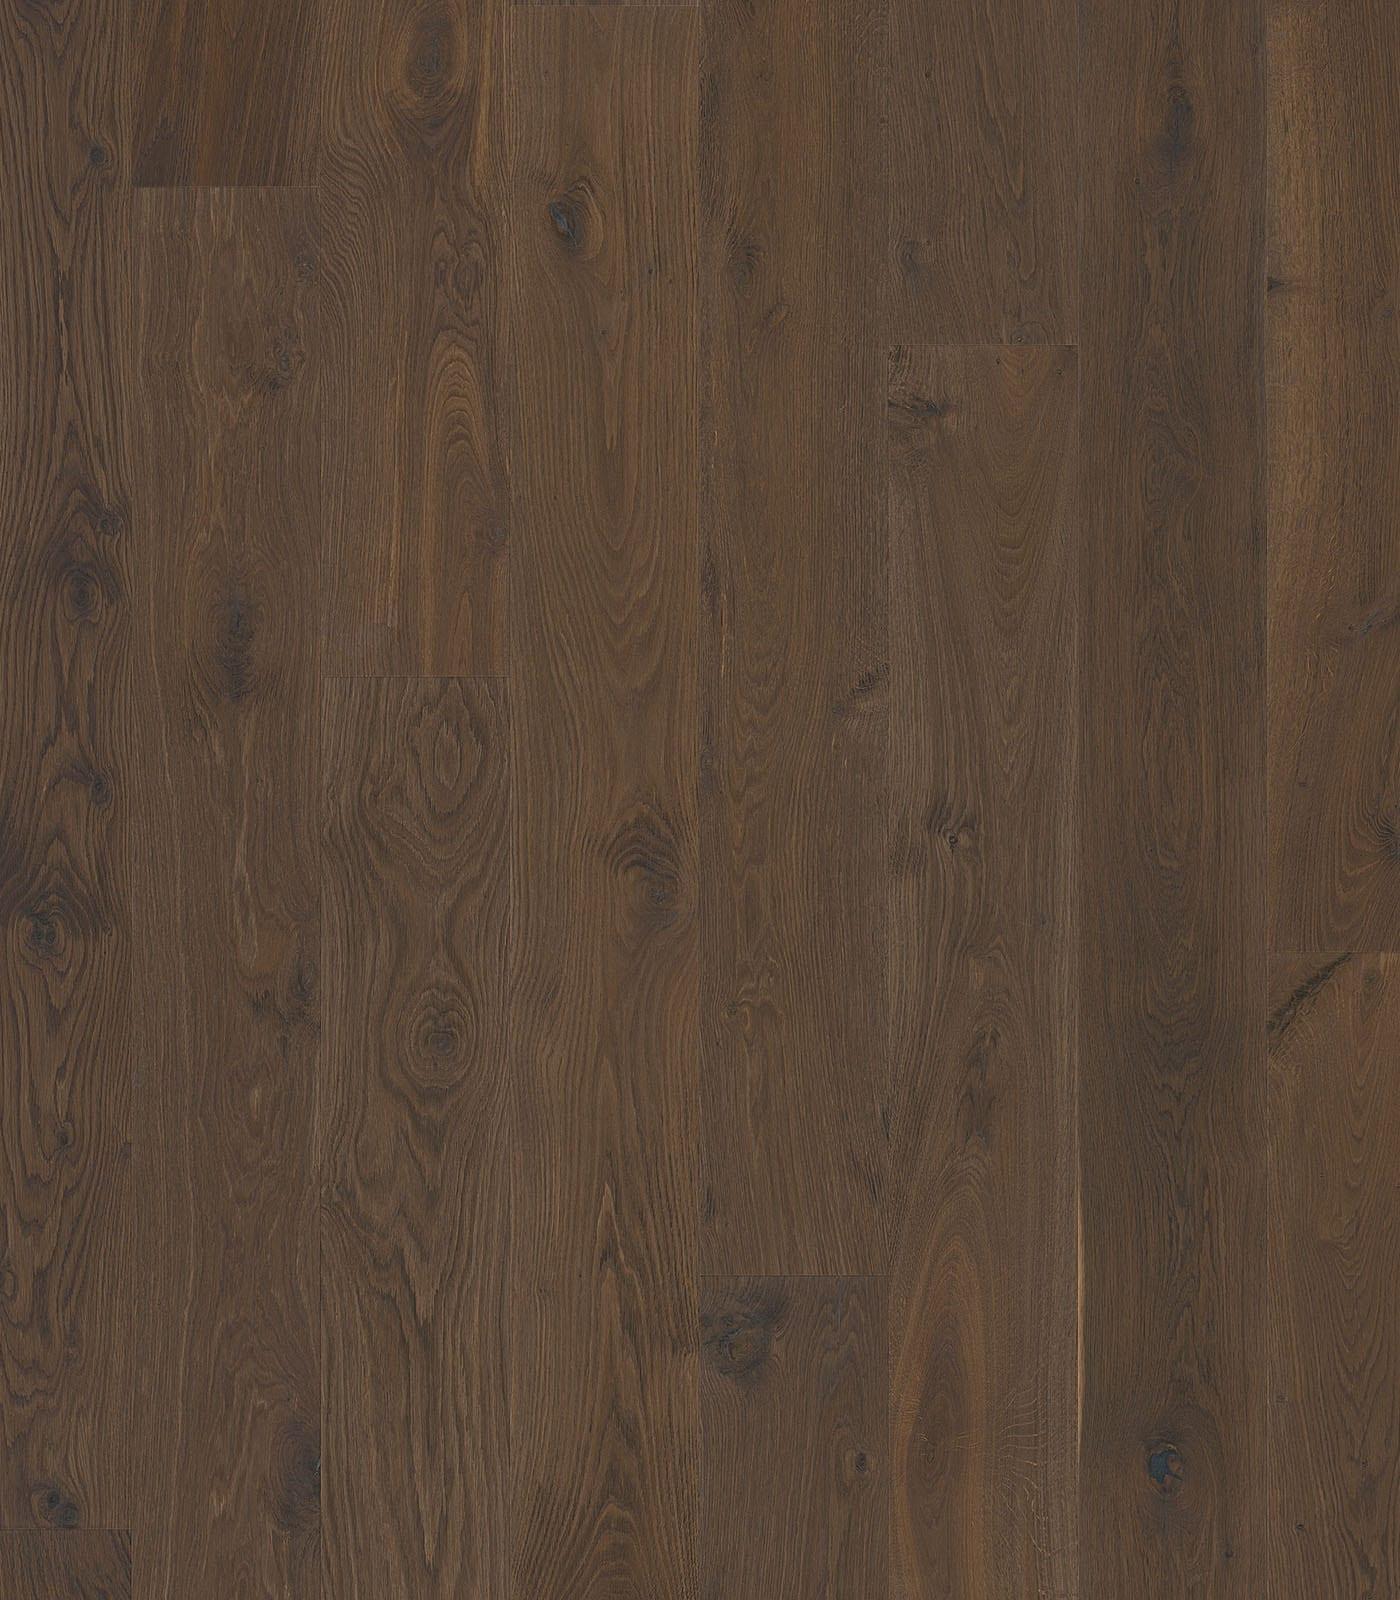 Smoked Oak-European Oak floors-Origins Collection-flat